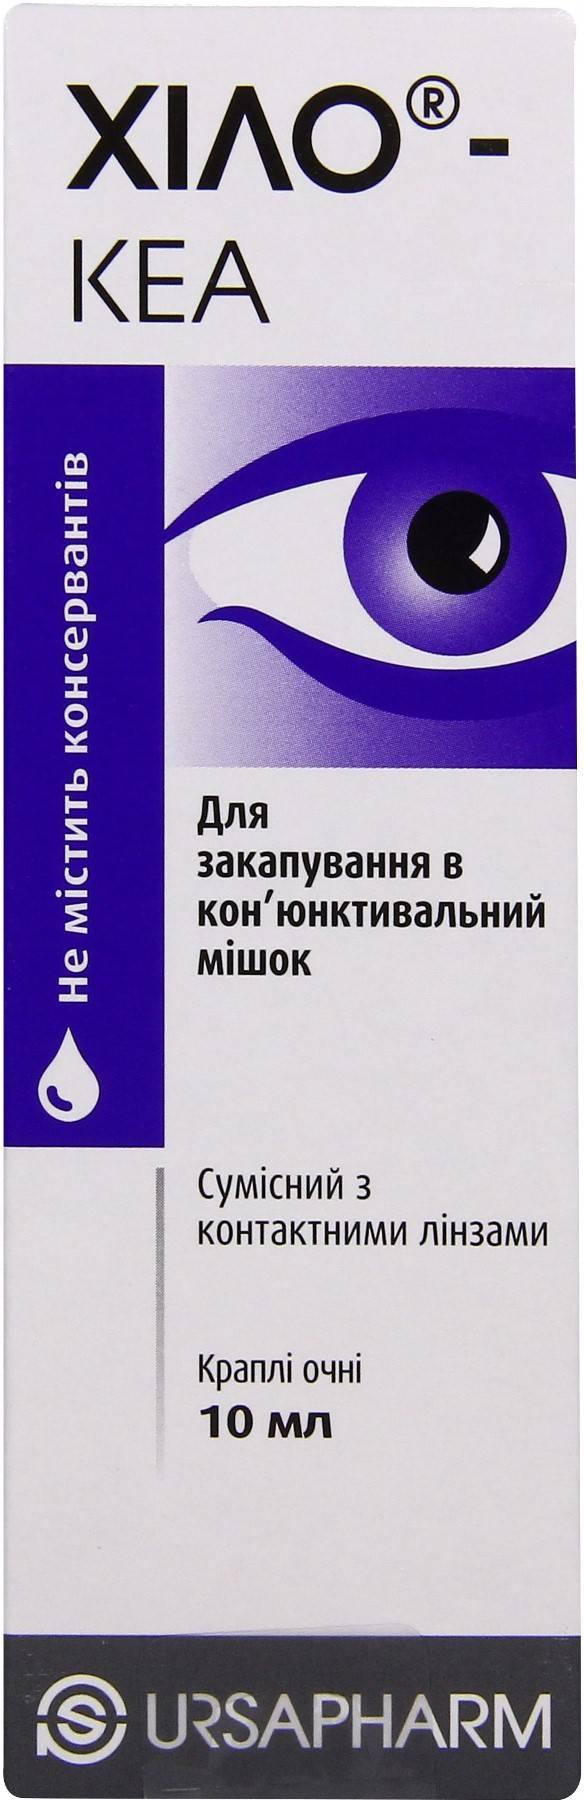 Хило-кеа капли глазные: инструкция, описание pharmprice